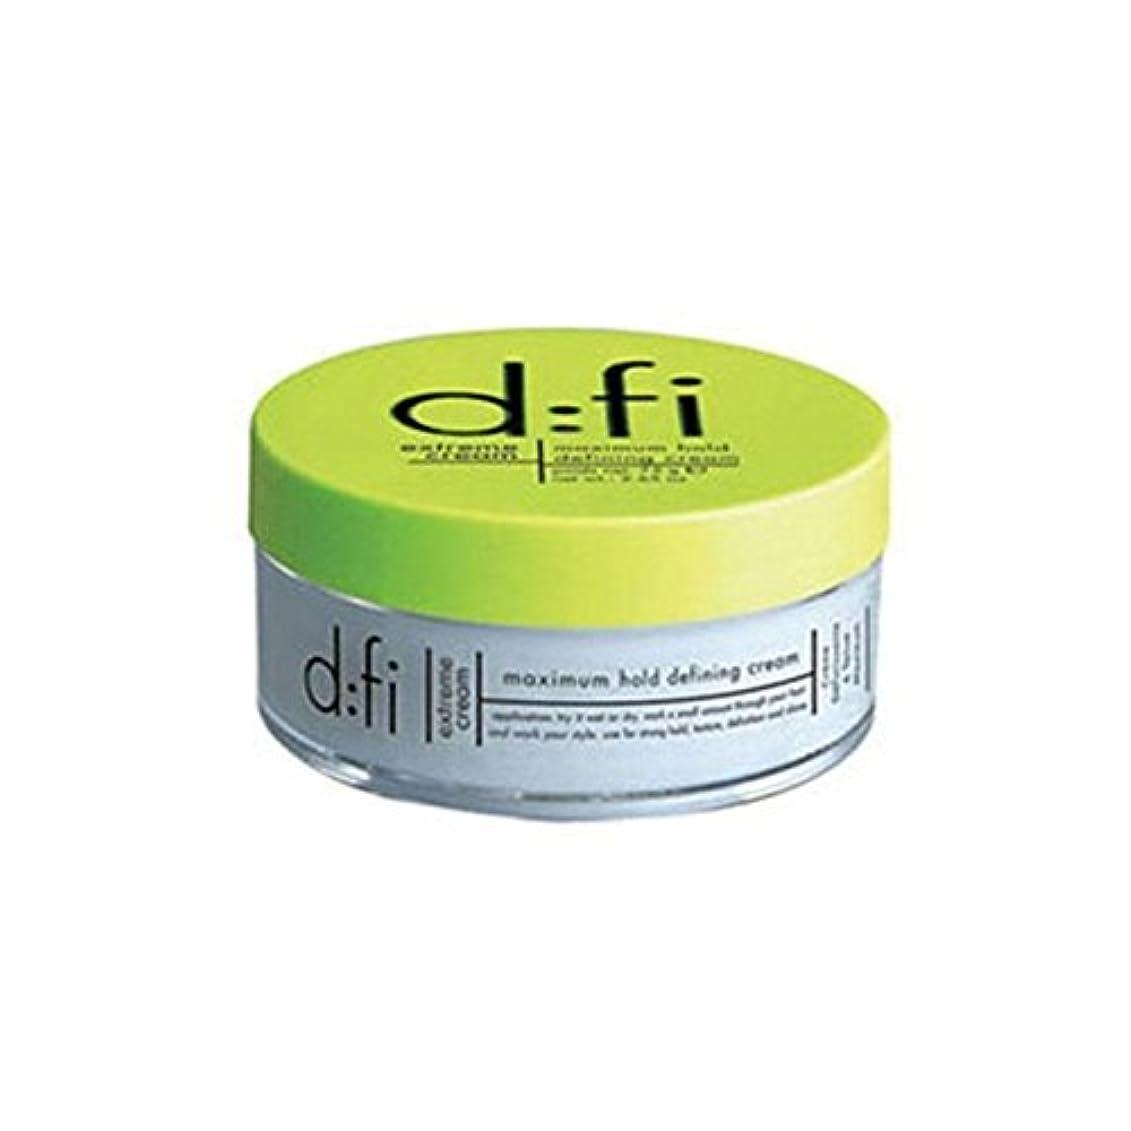 くるくるイライラするゴム:の極端なホールドスタイリングクリーム(75) x4 - D:Fi Extreme Hold Styling Cream (75Gms) (Pack of 4) [並行輸入品]